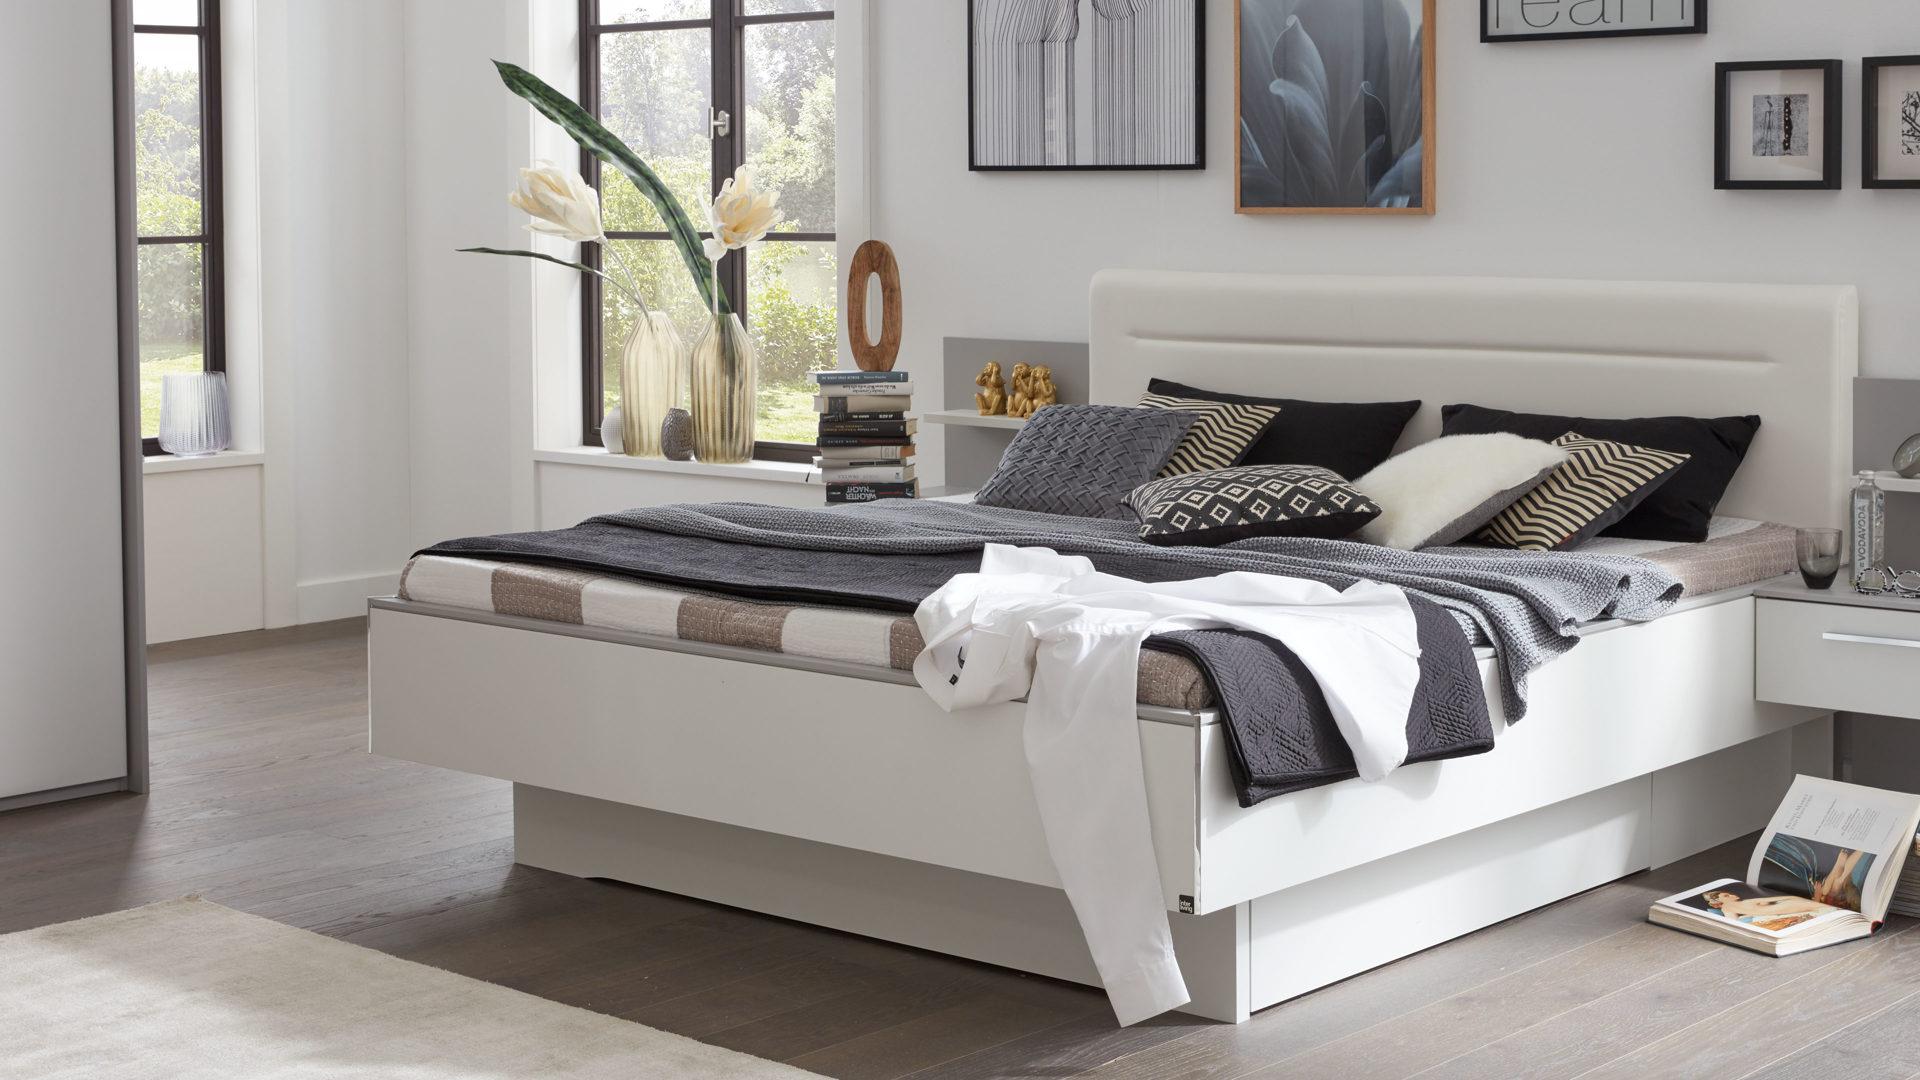 Interliving Schlafzimmer Serie 1011 – Doppelbettgestell, seidengraue &  weiße Kunststoffoberflächen – Liegefläche ca. 180